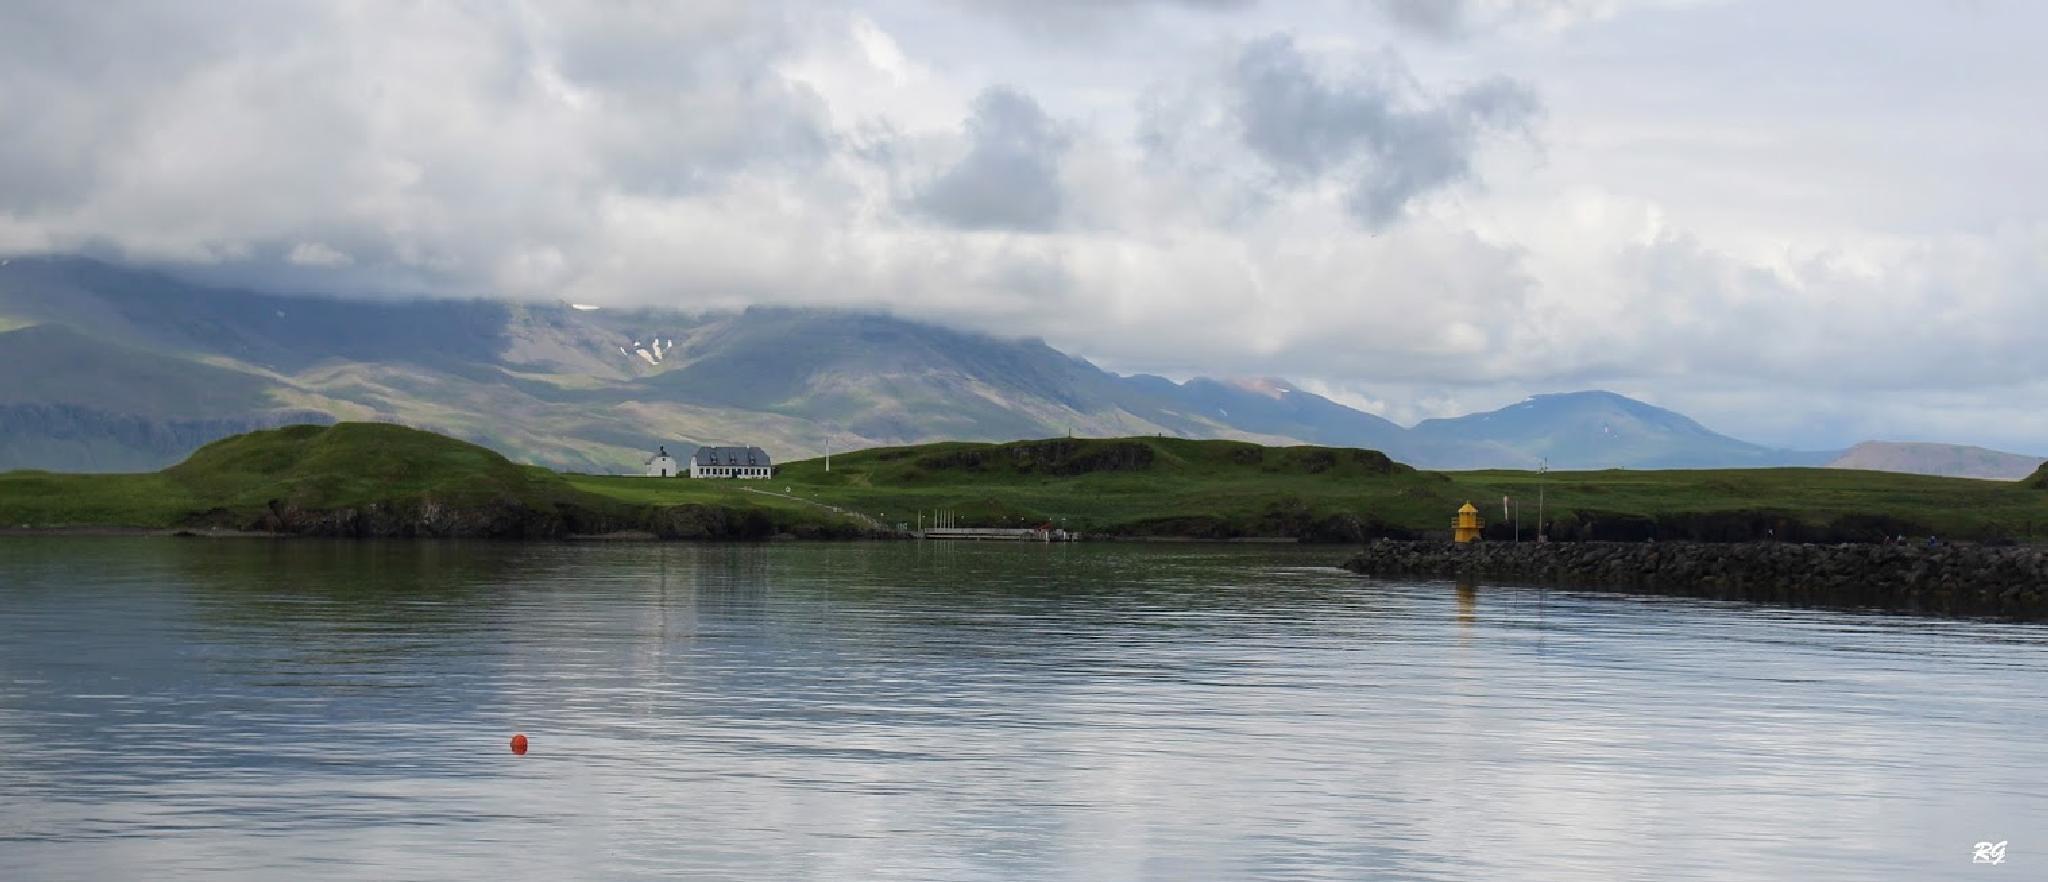 Viðey -Reykjavík by rikkigudmunds